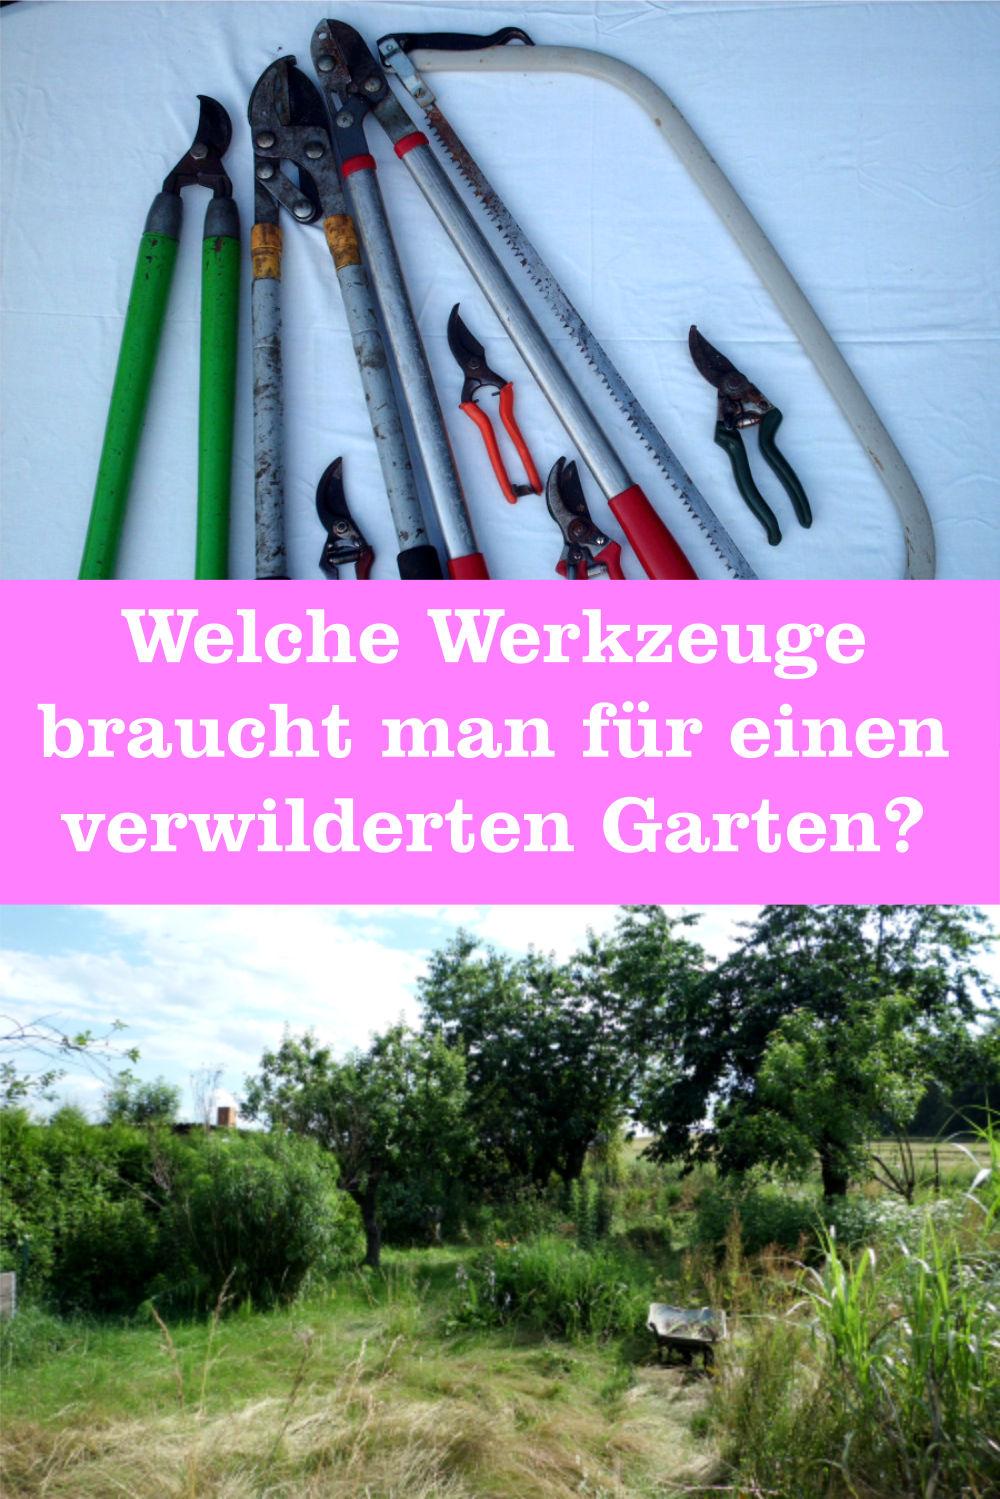 Werkzeuge verwilderten Garten